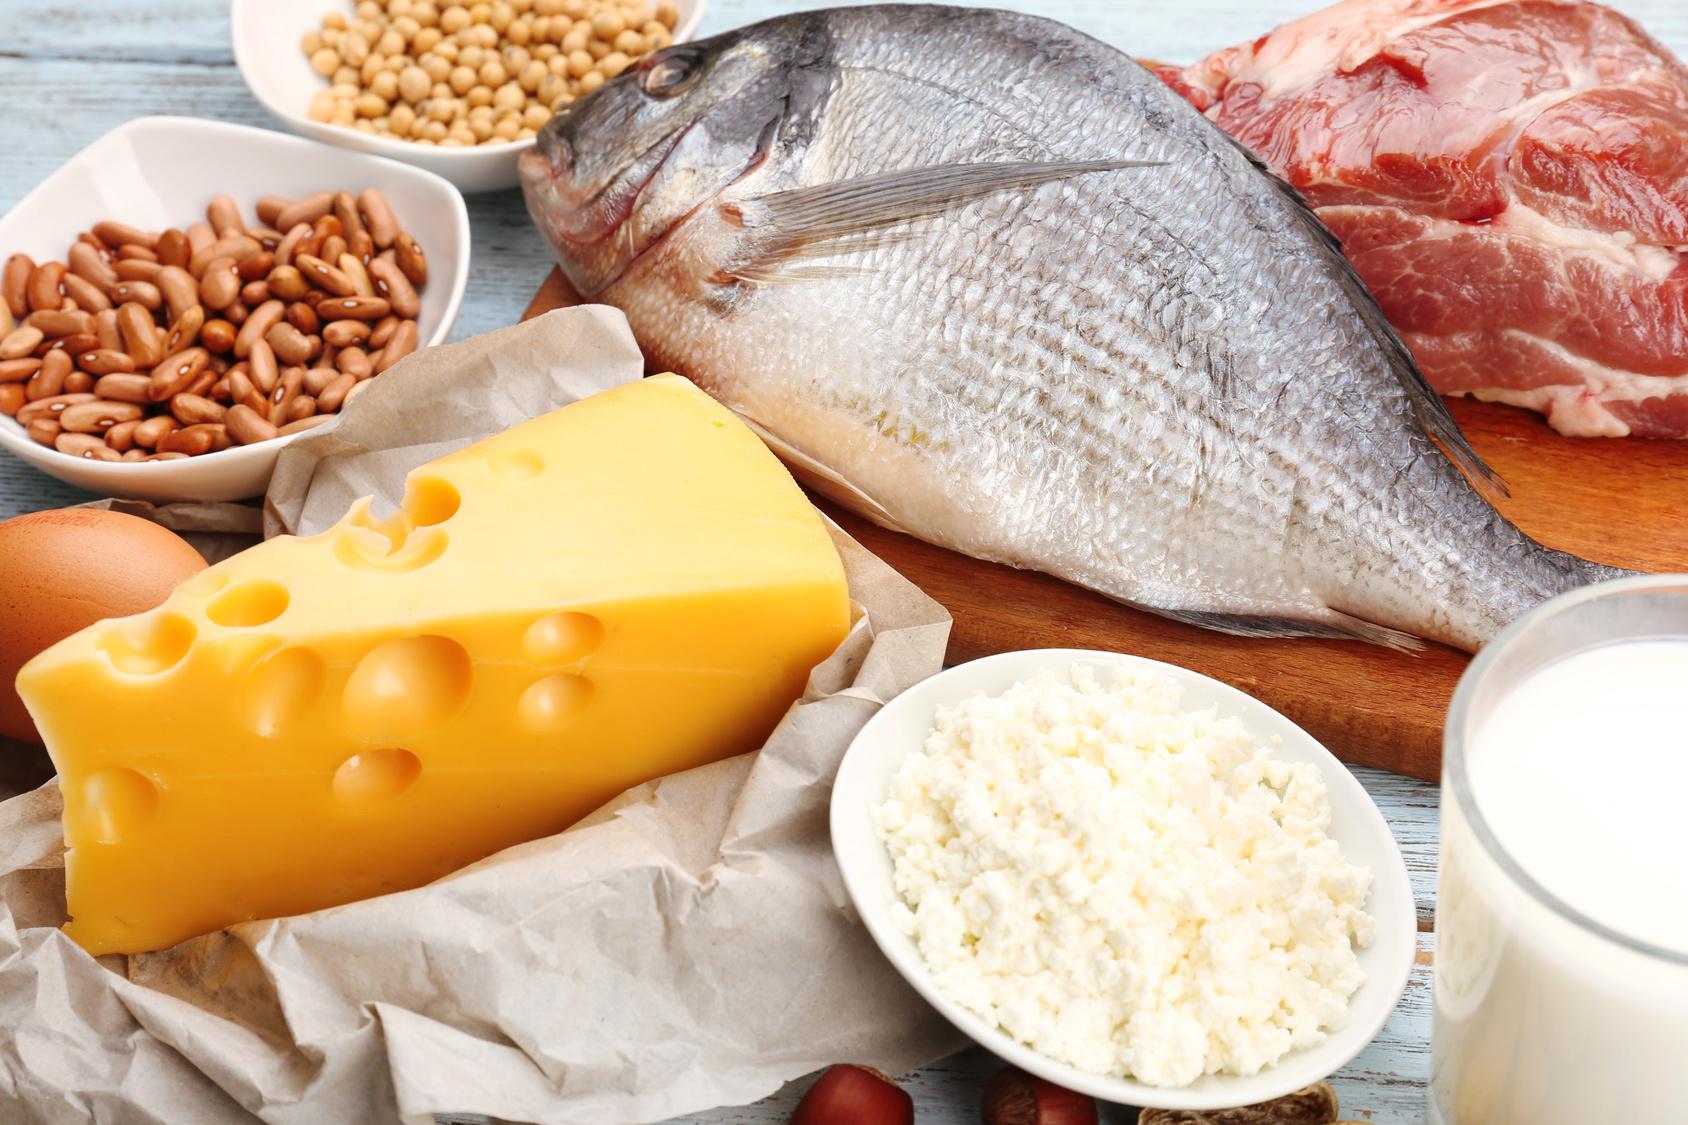 Conseil Prise de poids : consommez suffisamment de protéine.